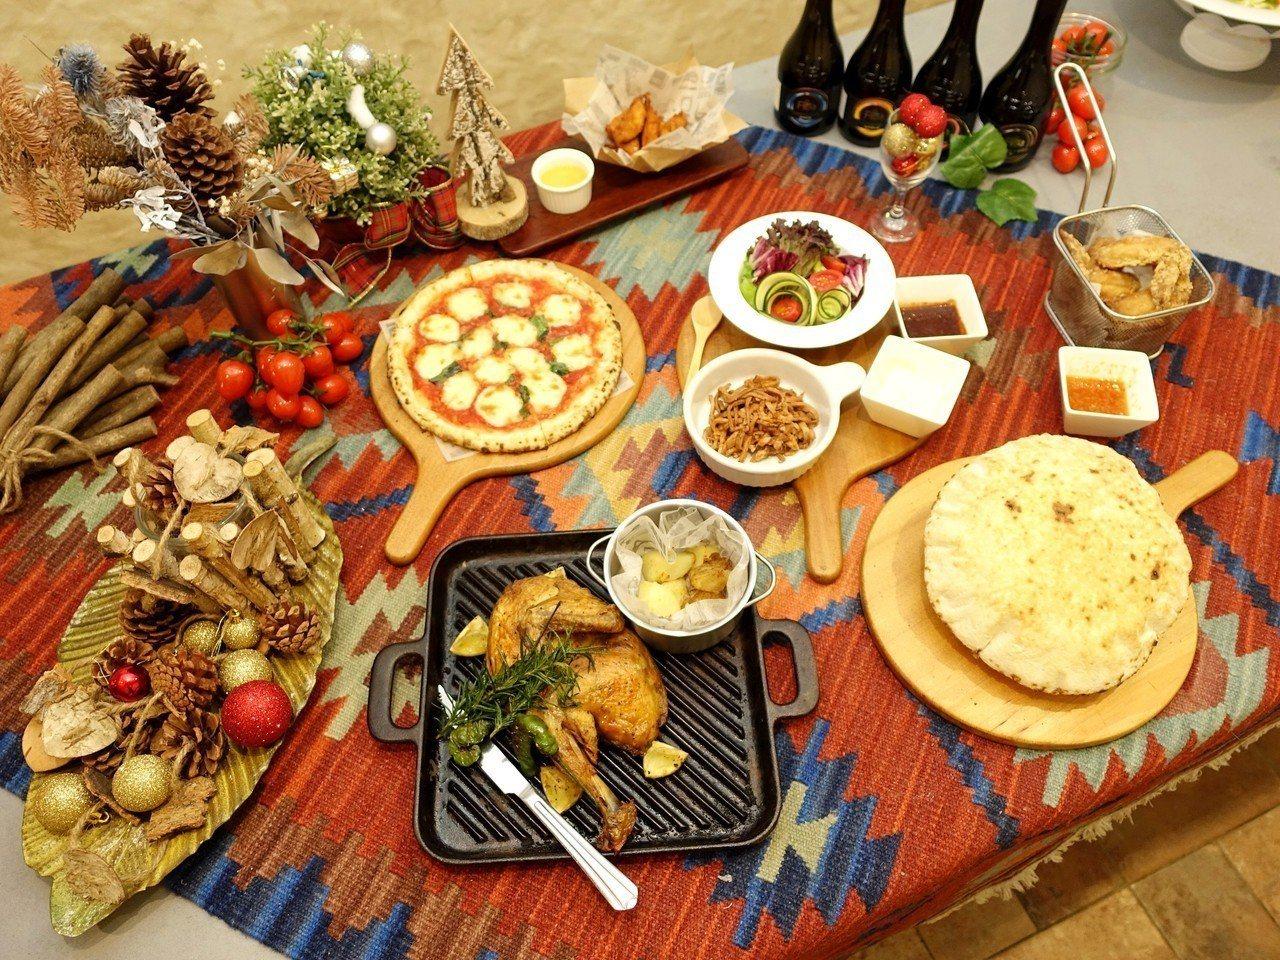 薄多義冬季料理將於12/7正式推出。記者張芳瑜/攝影